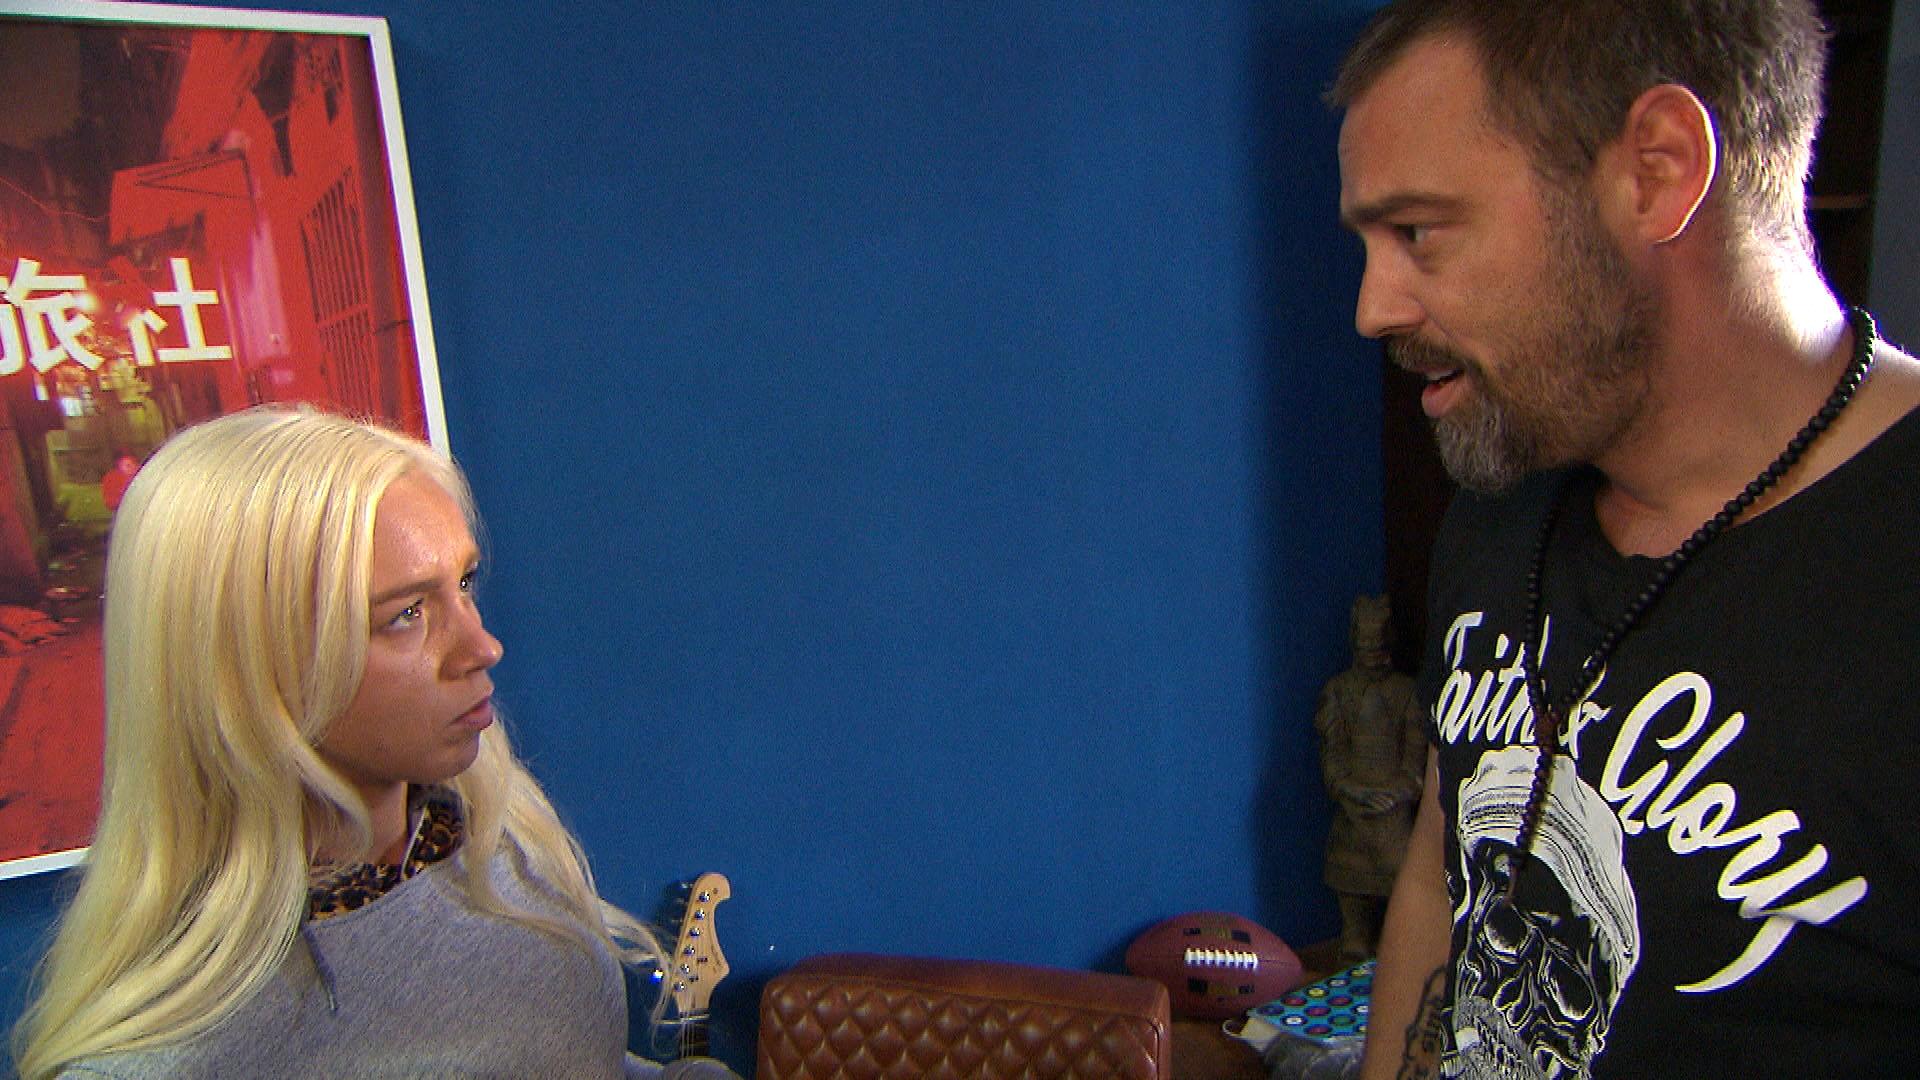 Peggy leidet unter dem Streit mit ihrer Mutter und ist enttäuscht, dass Theo dafür kein Verständnis hat. (Quelle: RTL 2)